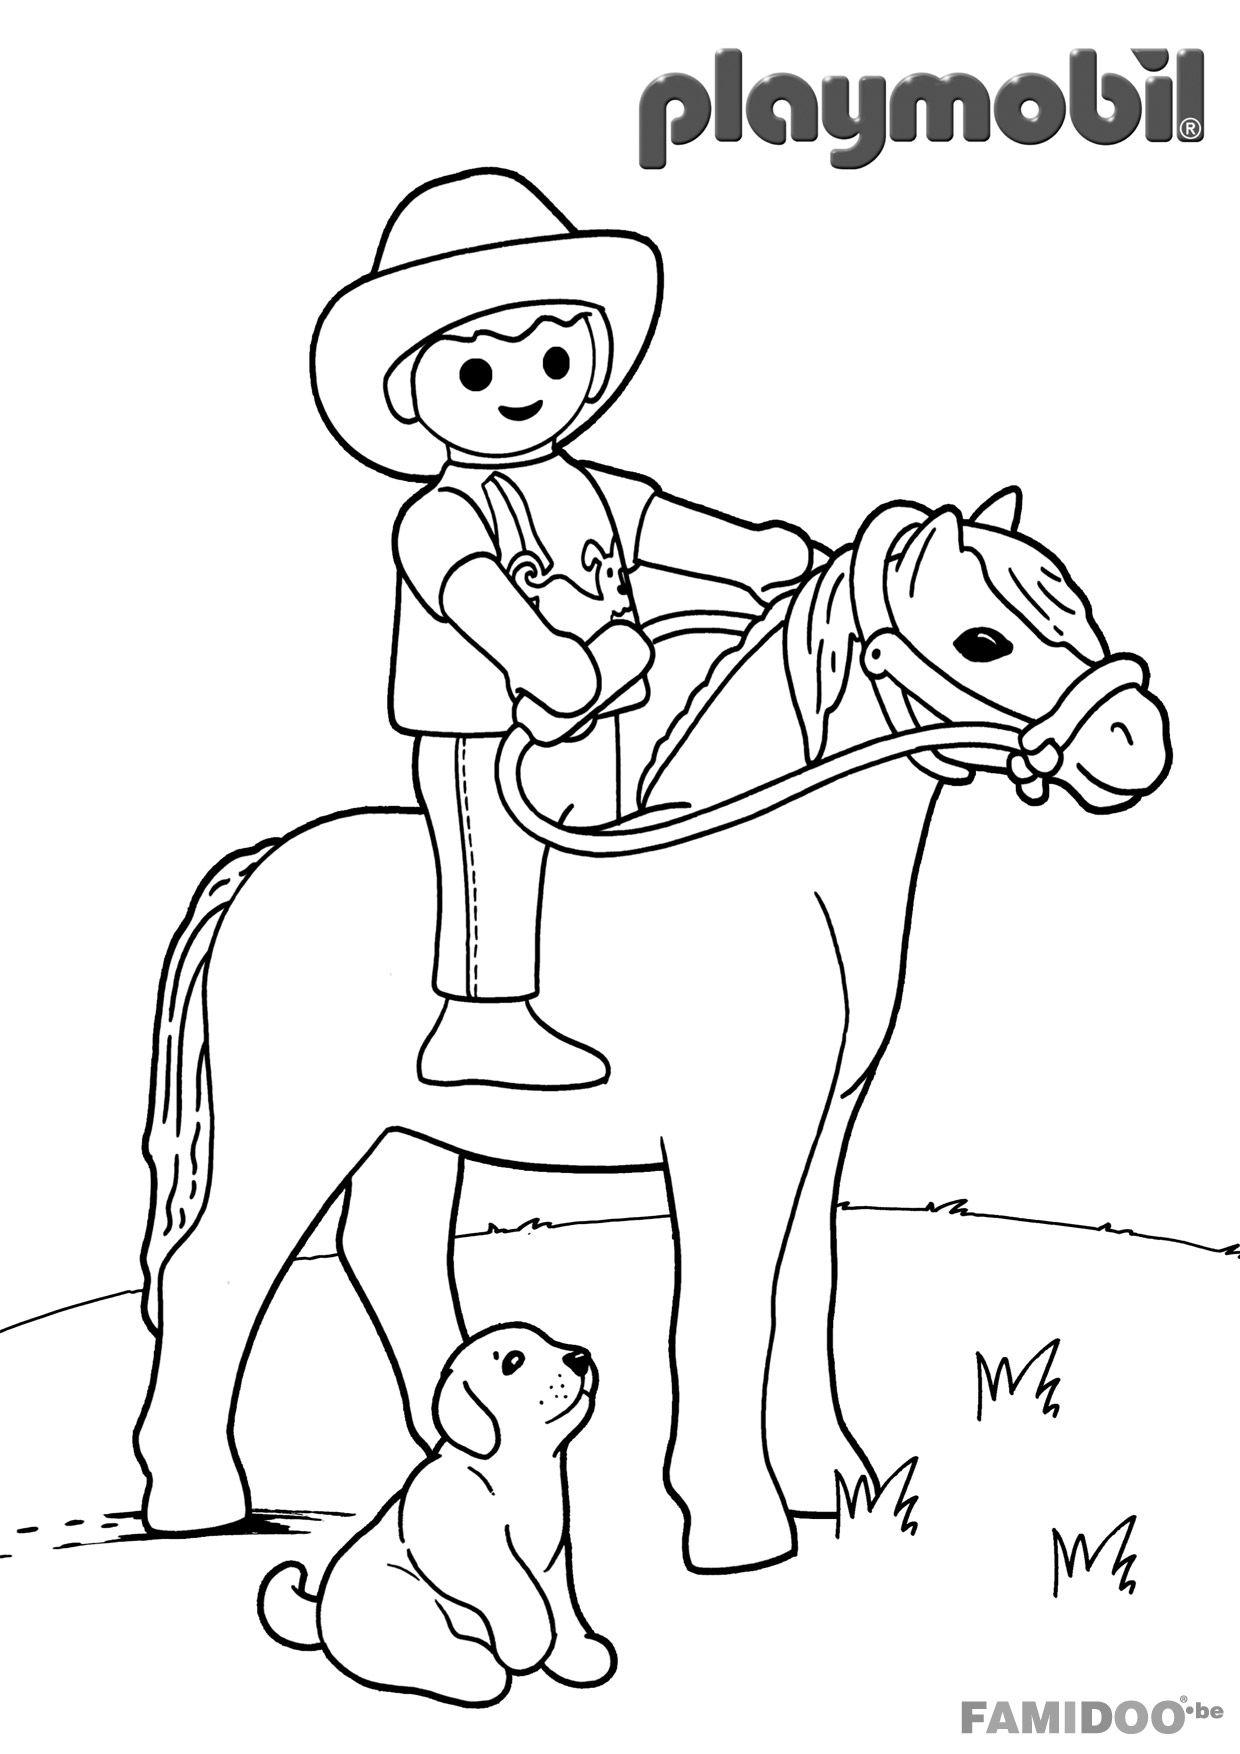 Coloriage à imprimer : Personnages célèbres - Playmobil numéro ...